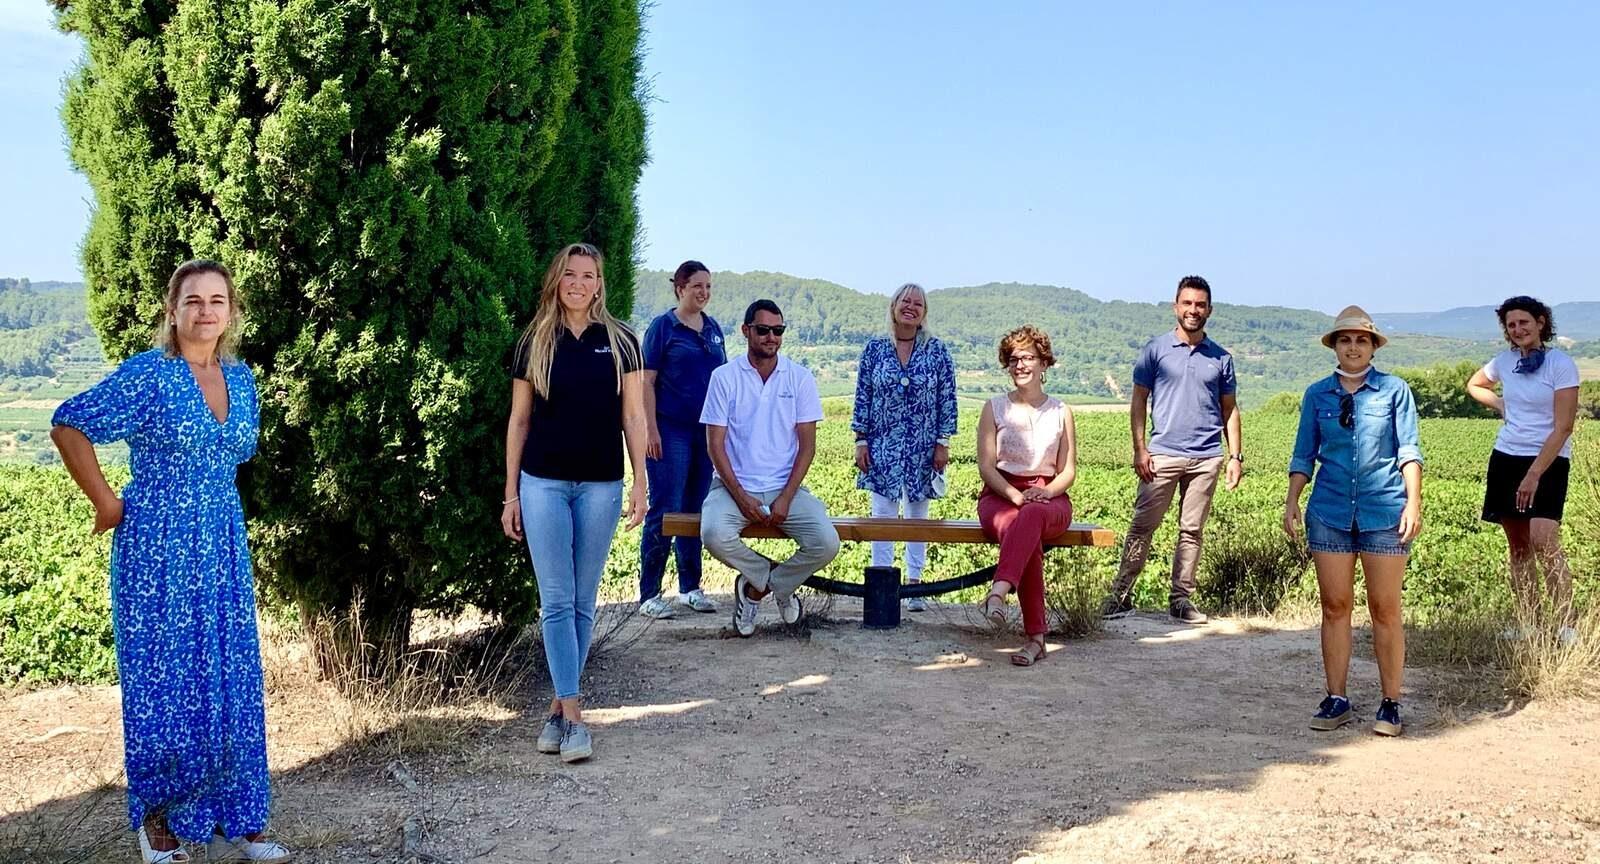 Representants de 10 cellers de la Ruta del Vi del Penedès | Ruta del Vi Penedès